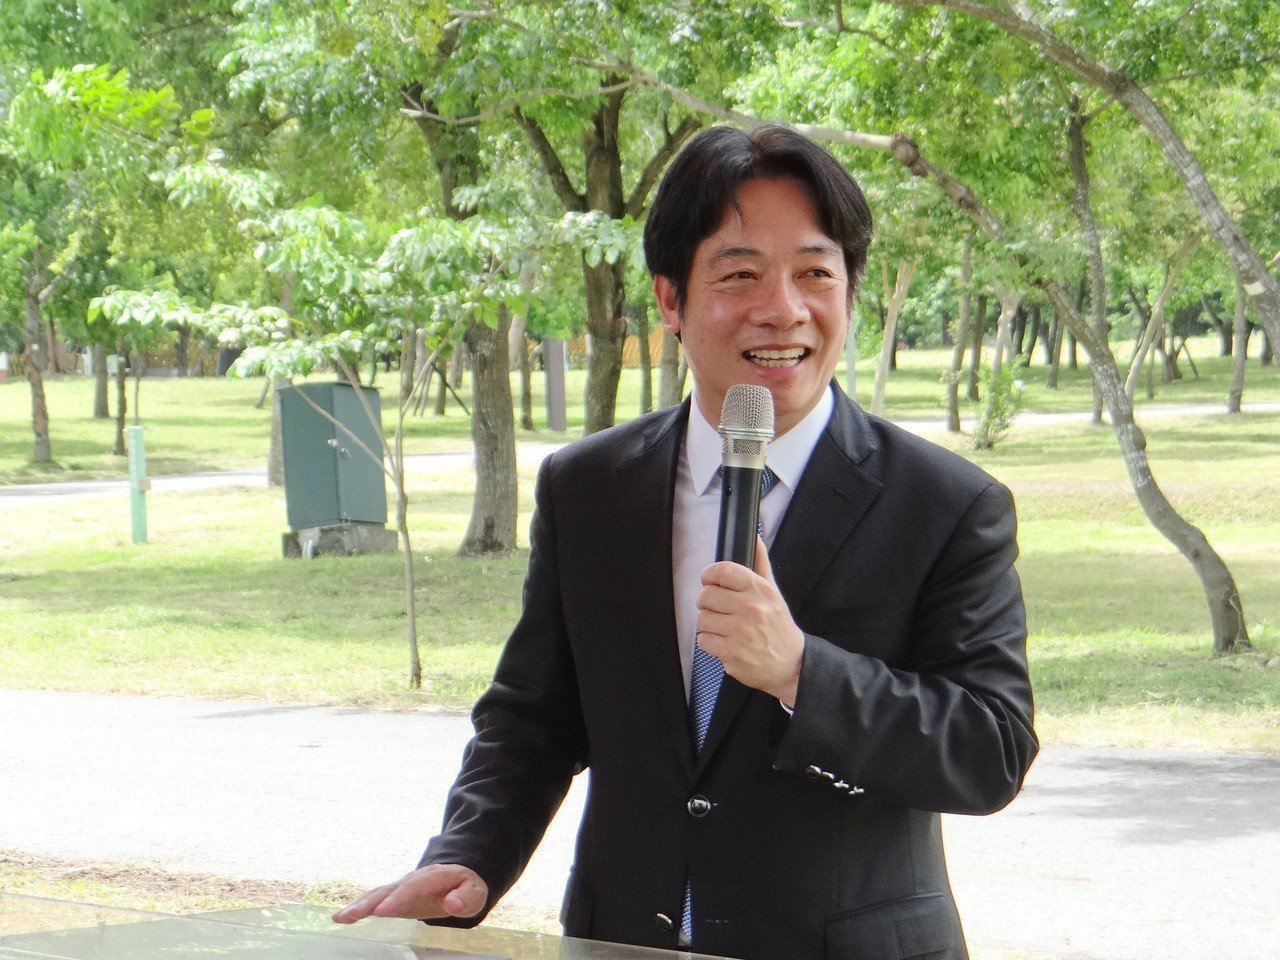 行政院長賴清德受訪時表示,平均薪資是一個經濟指標,他的本意只是要讓社會知道台灣的...